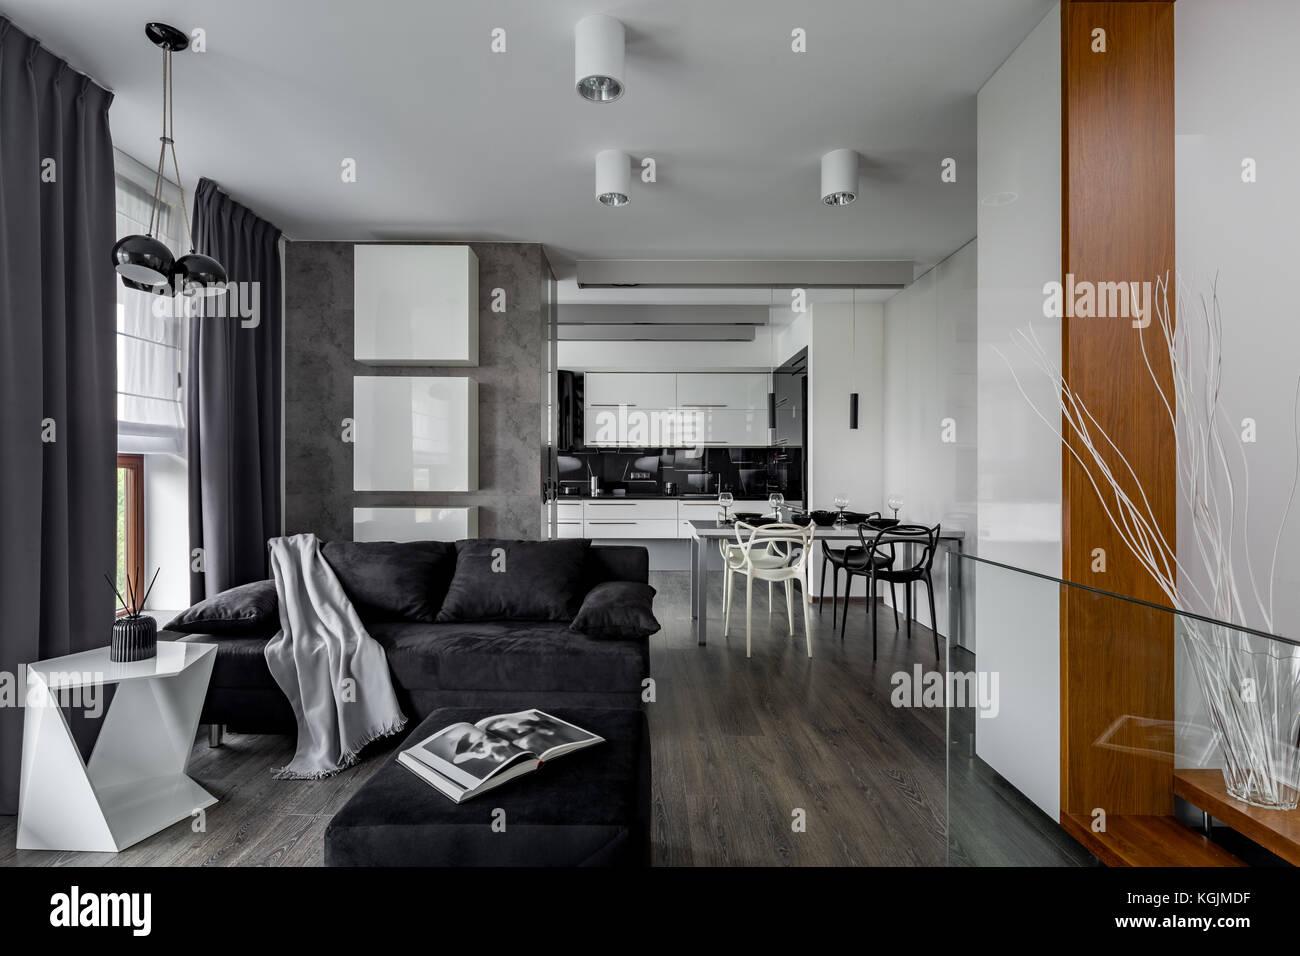 Grau und Weiß Apartment mit Wohnzimmer offene Küche ...